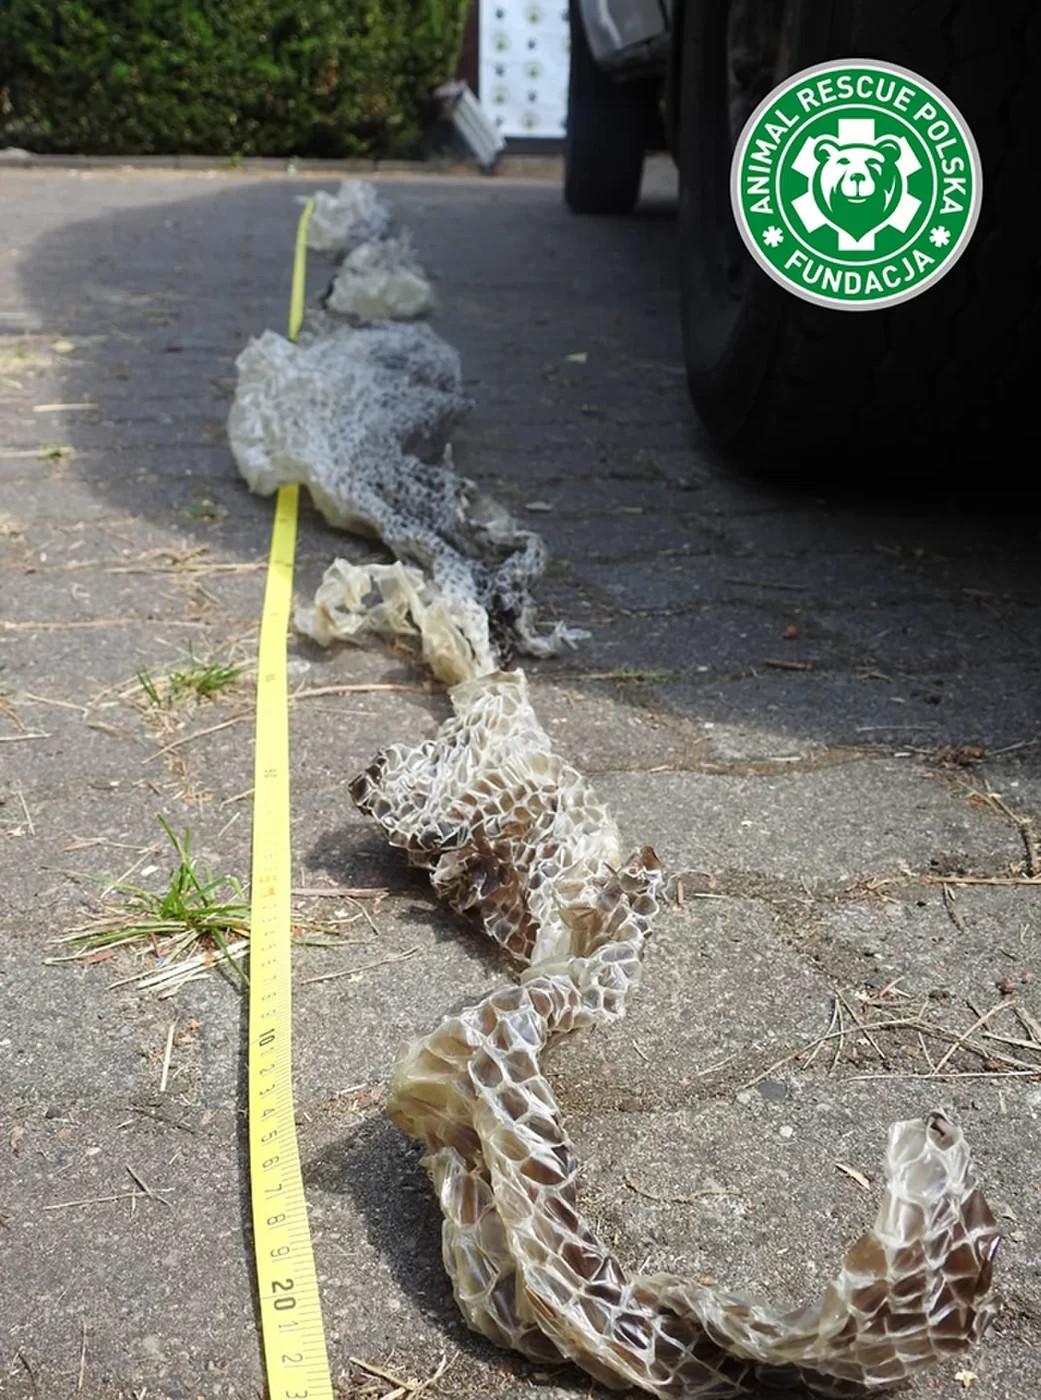 Pele da cobra à solta (Foto: Resgate Animal da Polônia)